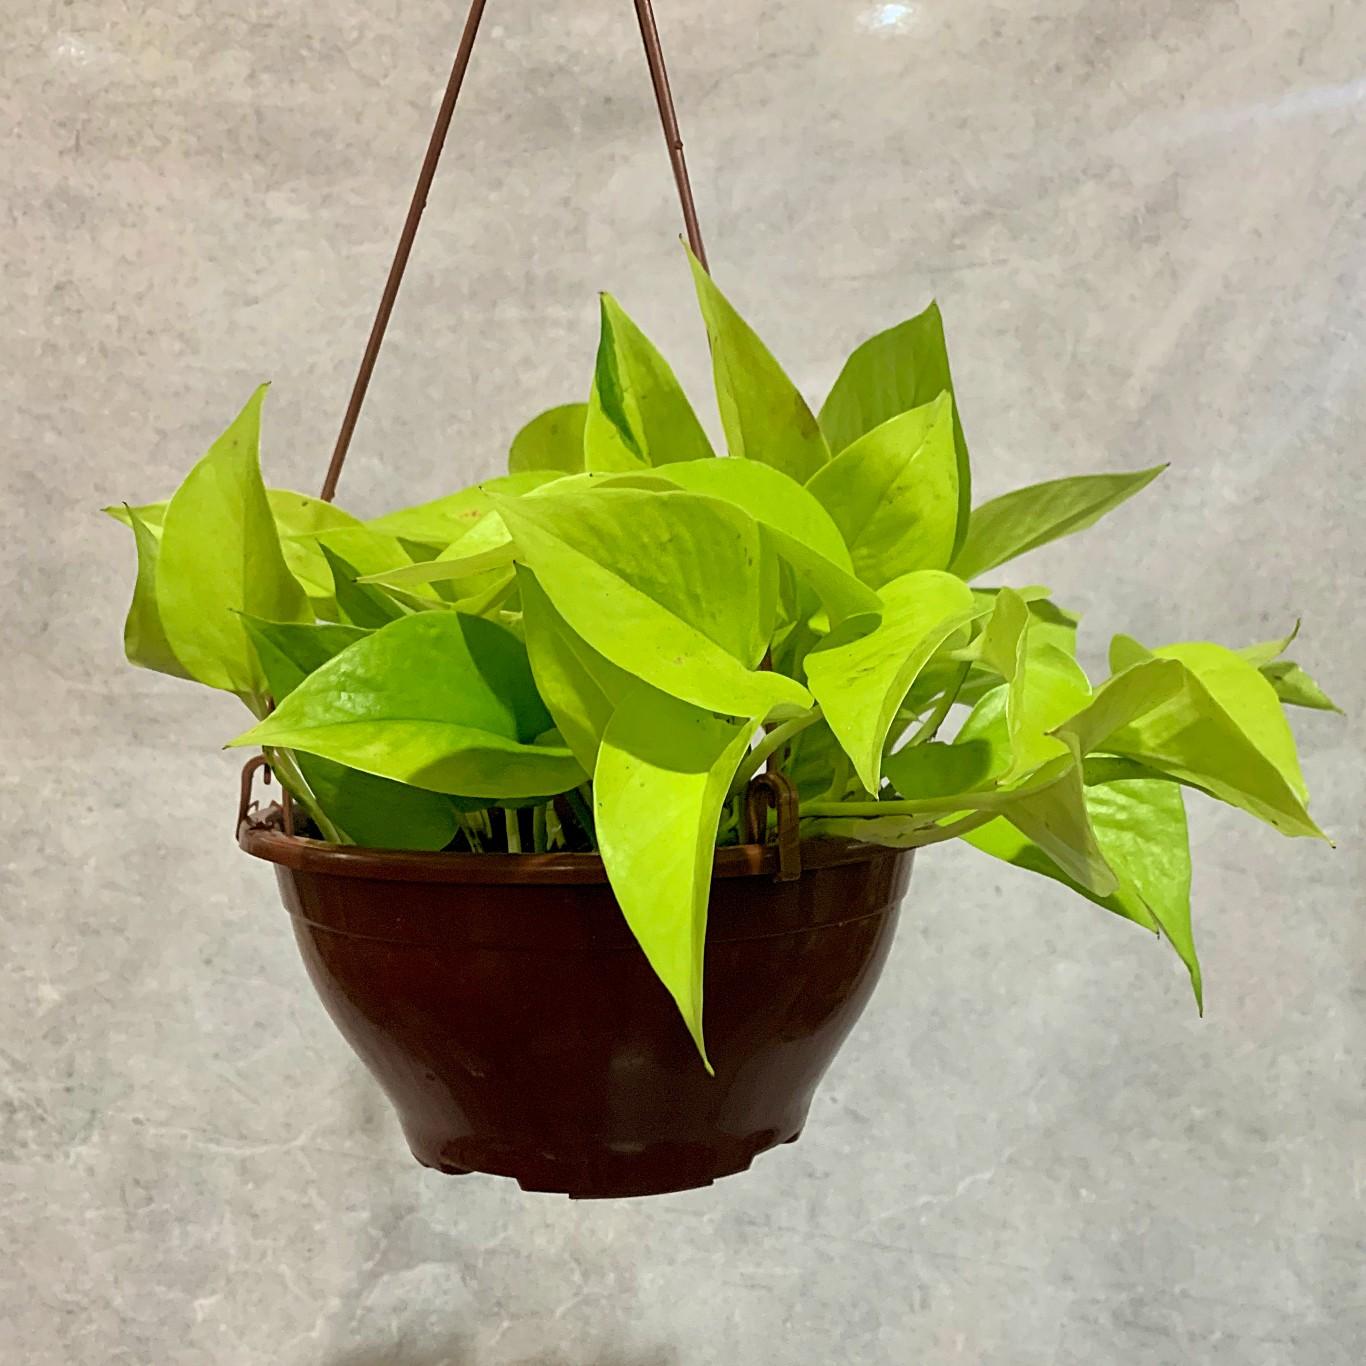 Jibóia Limão - Cuia 21 (Scindapsus aureus)